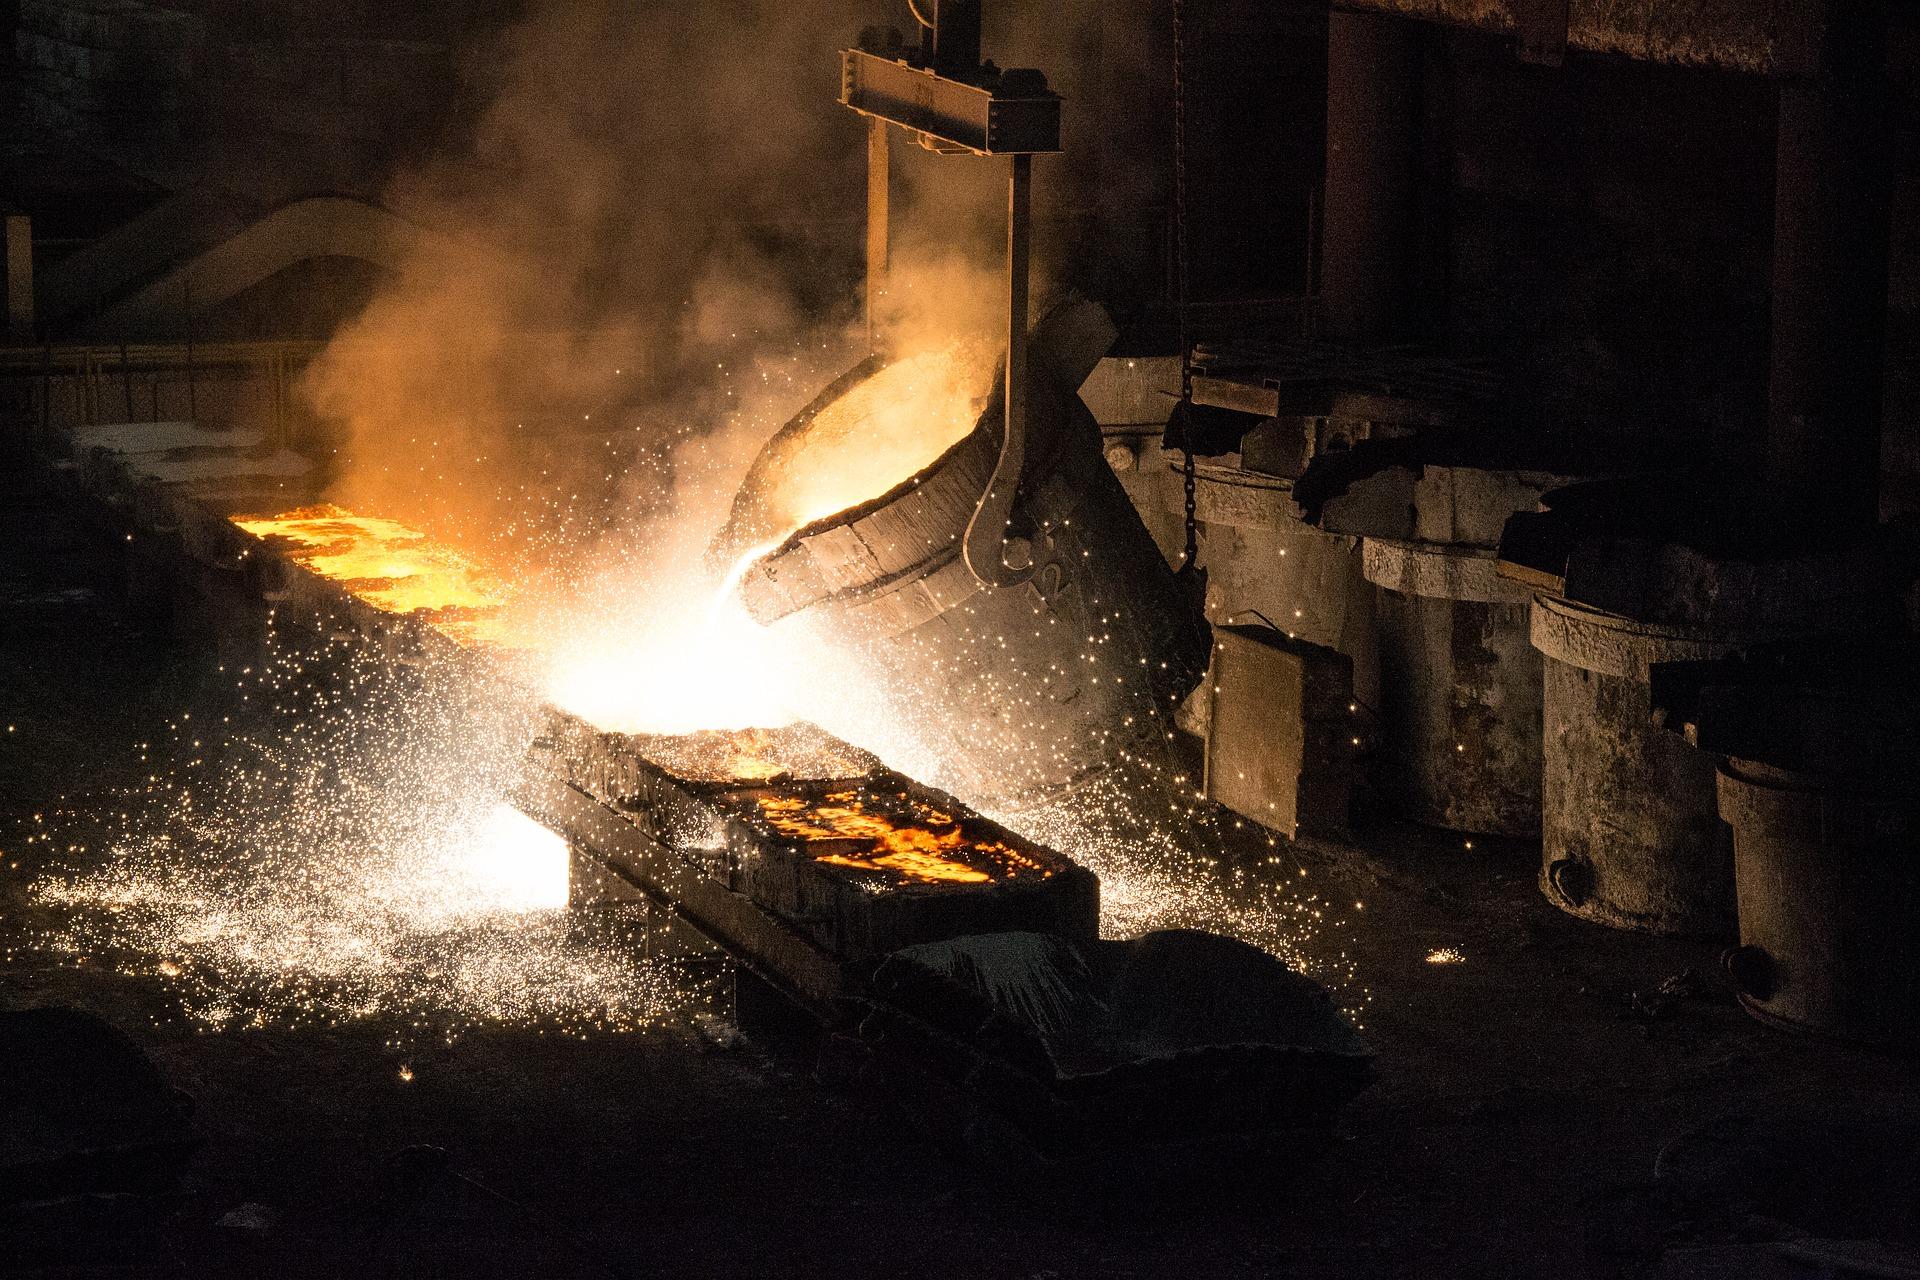 metallurgy-2932943_1920